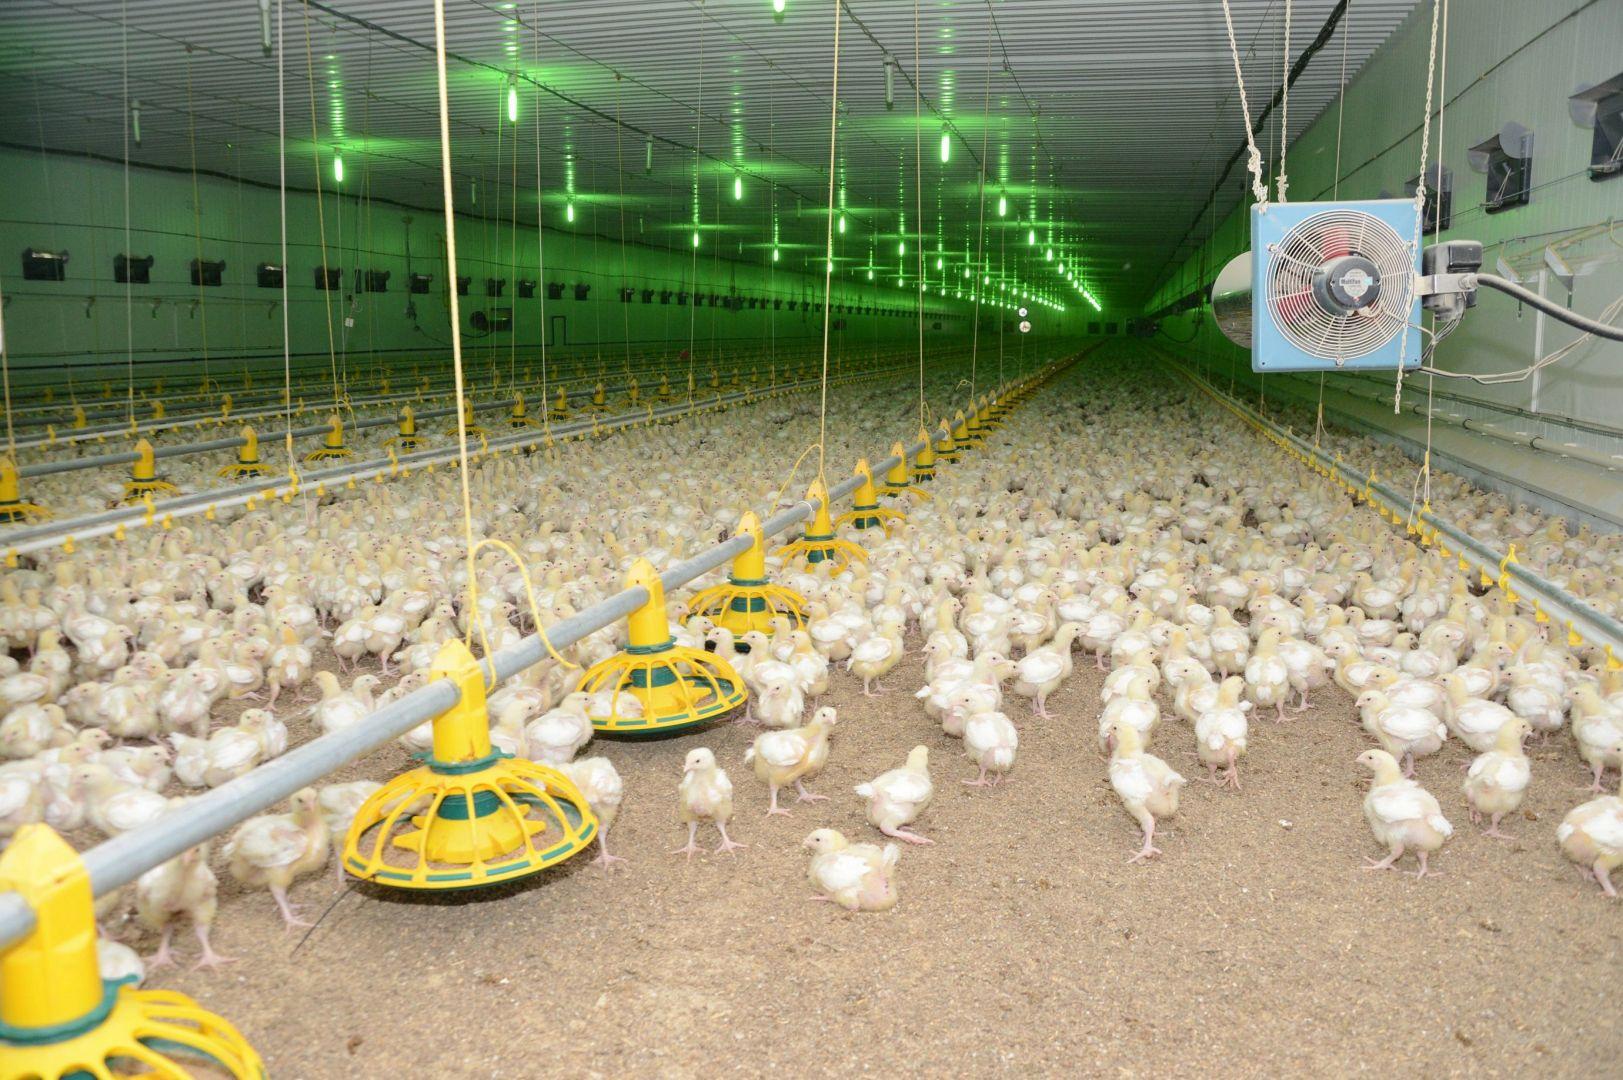 ВСтаврополье открыли новейшую птицефабрику на90 тыс. кур